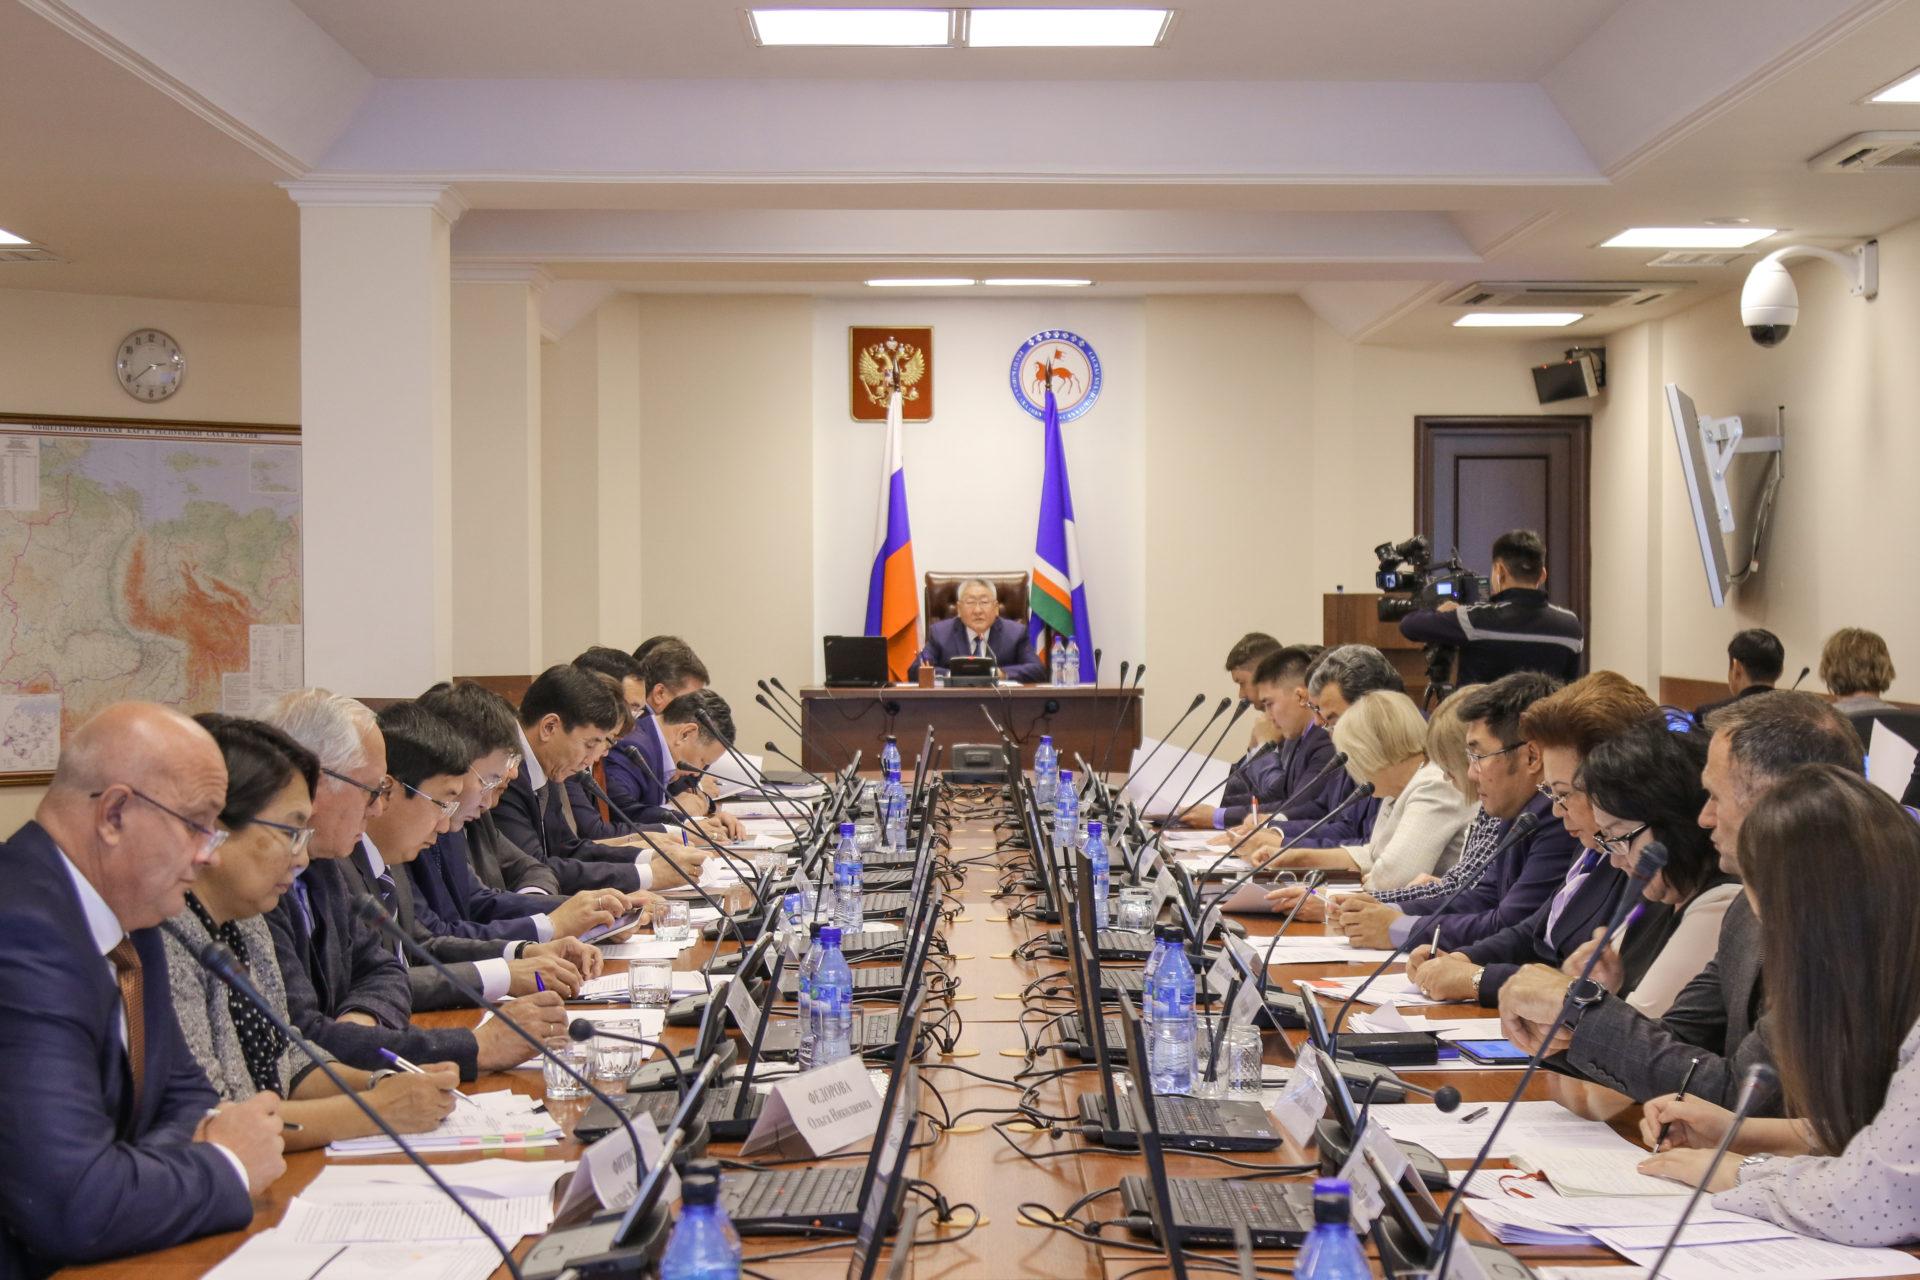 Егор Борисов провёл заседание Совета по инвестиционной политике и ГЧП